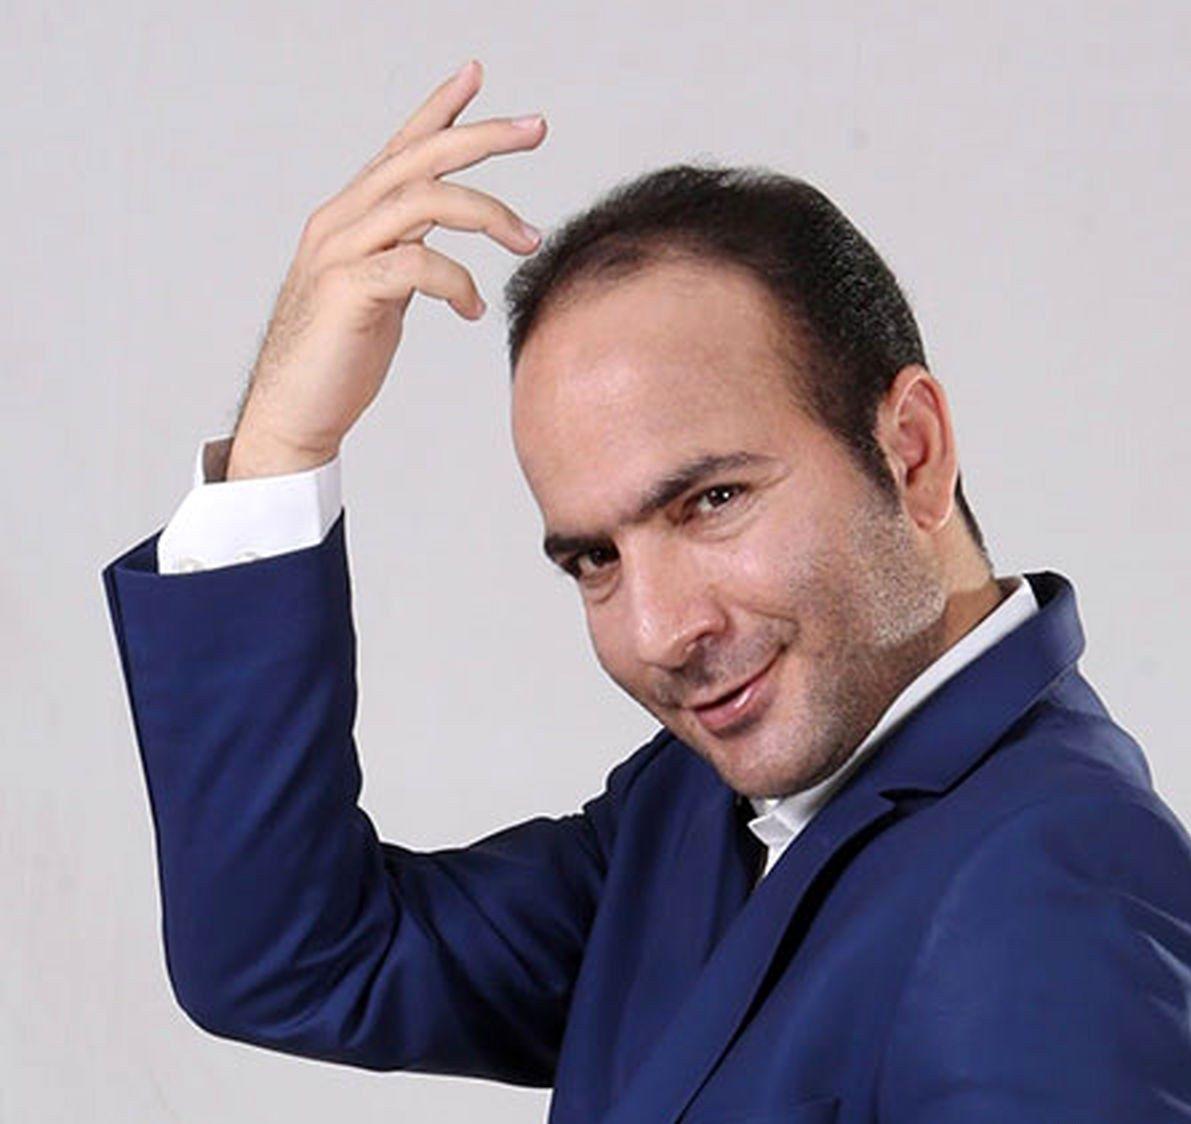 شوخی +18 حسن ریوندی با آقایون متأهل و متعهد/ فیلم